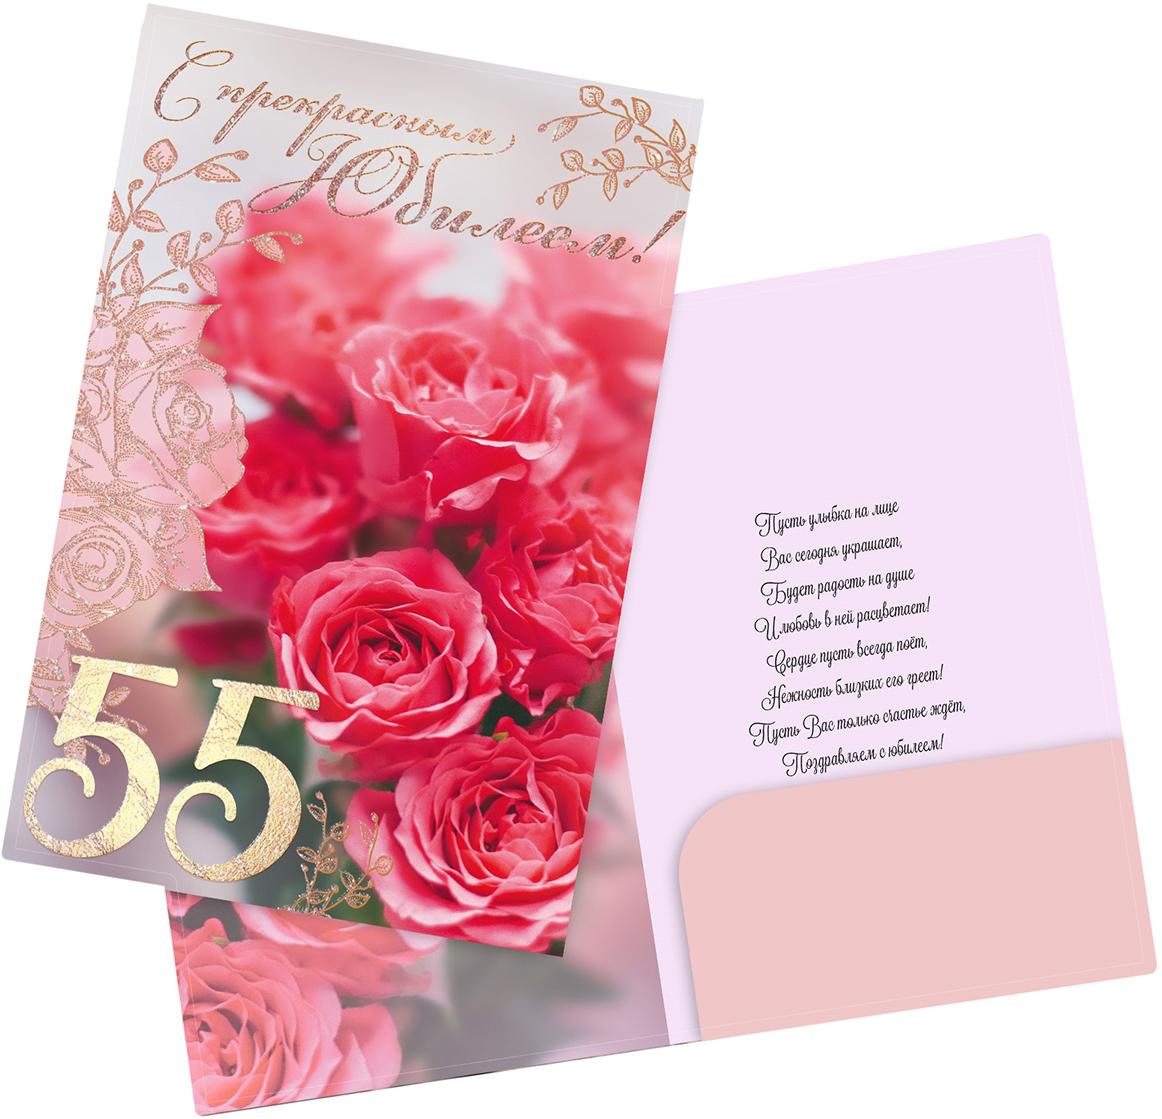 Открытка Дарите Счастье Розы, 190 х 290 мм2918963Выразить свои чувства и дополнить основной подарок тёплыми словами вам поможет Открытка . С ней ваше пожелание «Счастья, любви и здоровья» приобретёт трепетный и душевный подтекст. А воспоминания о праздничном дне ещё долго будут радовать адресата.Среди нашего ассортимента печатной поздравительной продукции вы выберете открытку для любого праздника и повода.